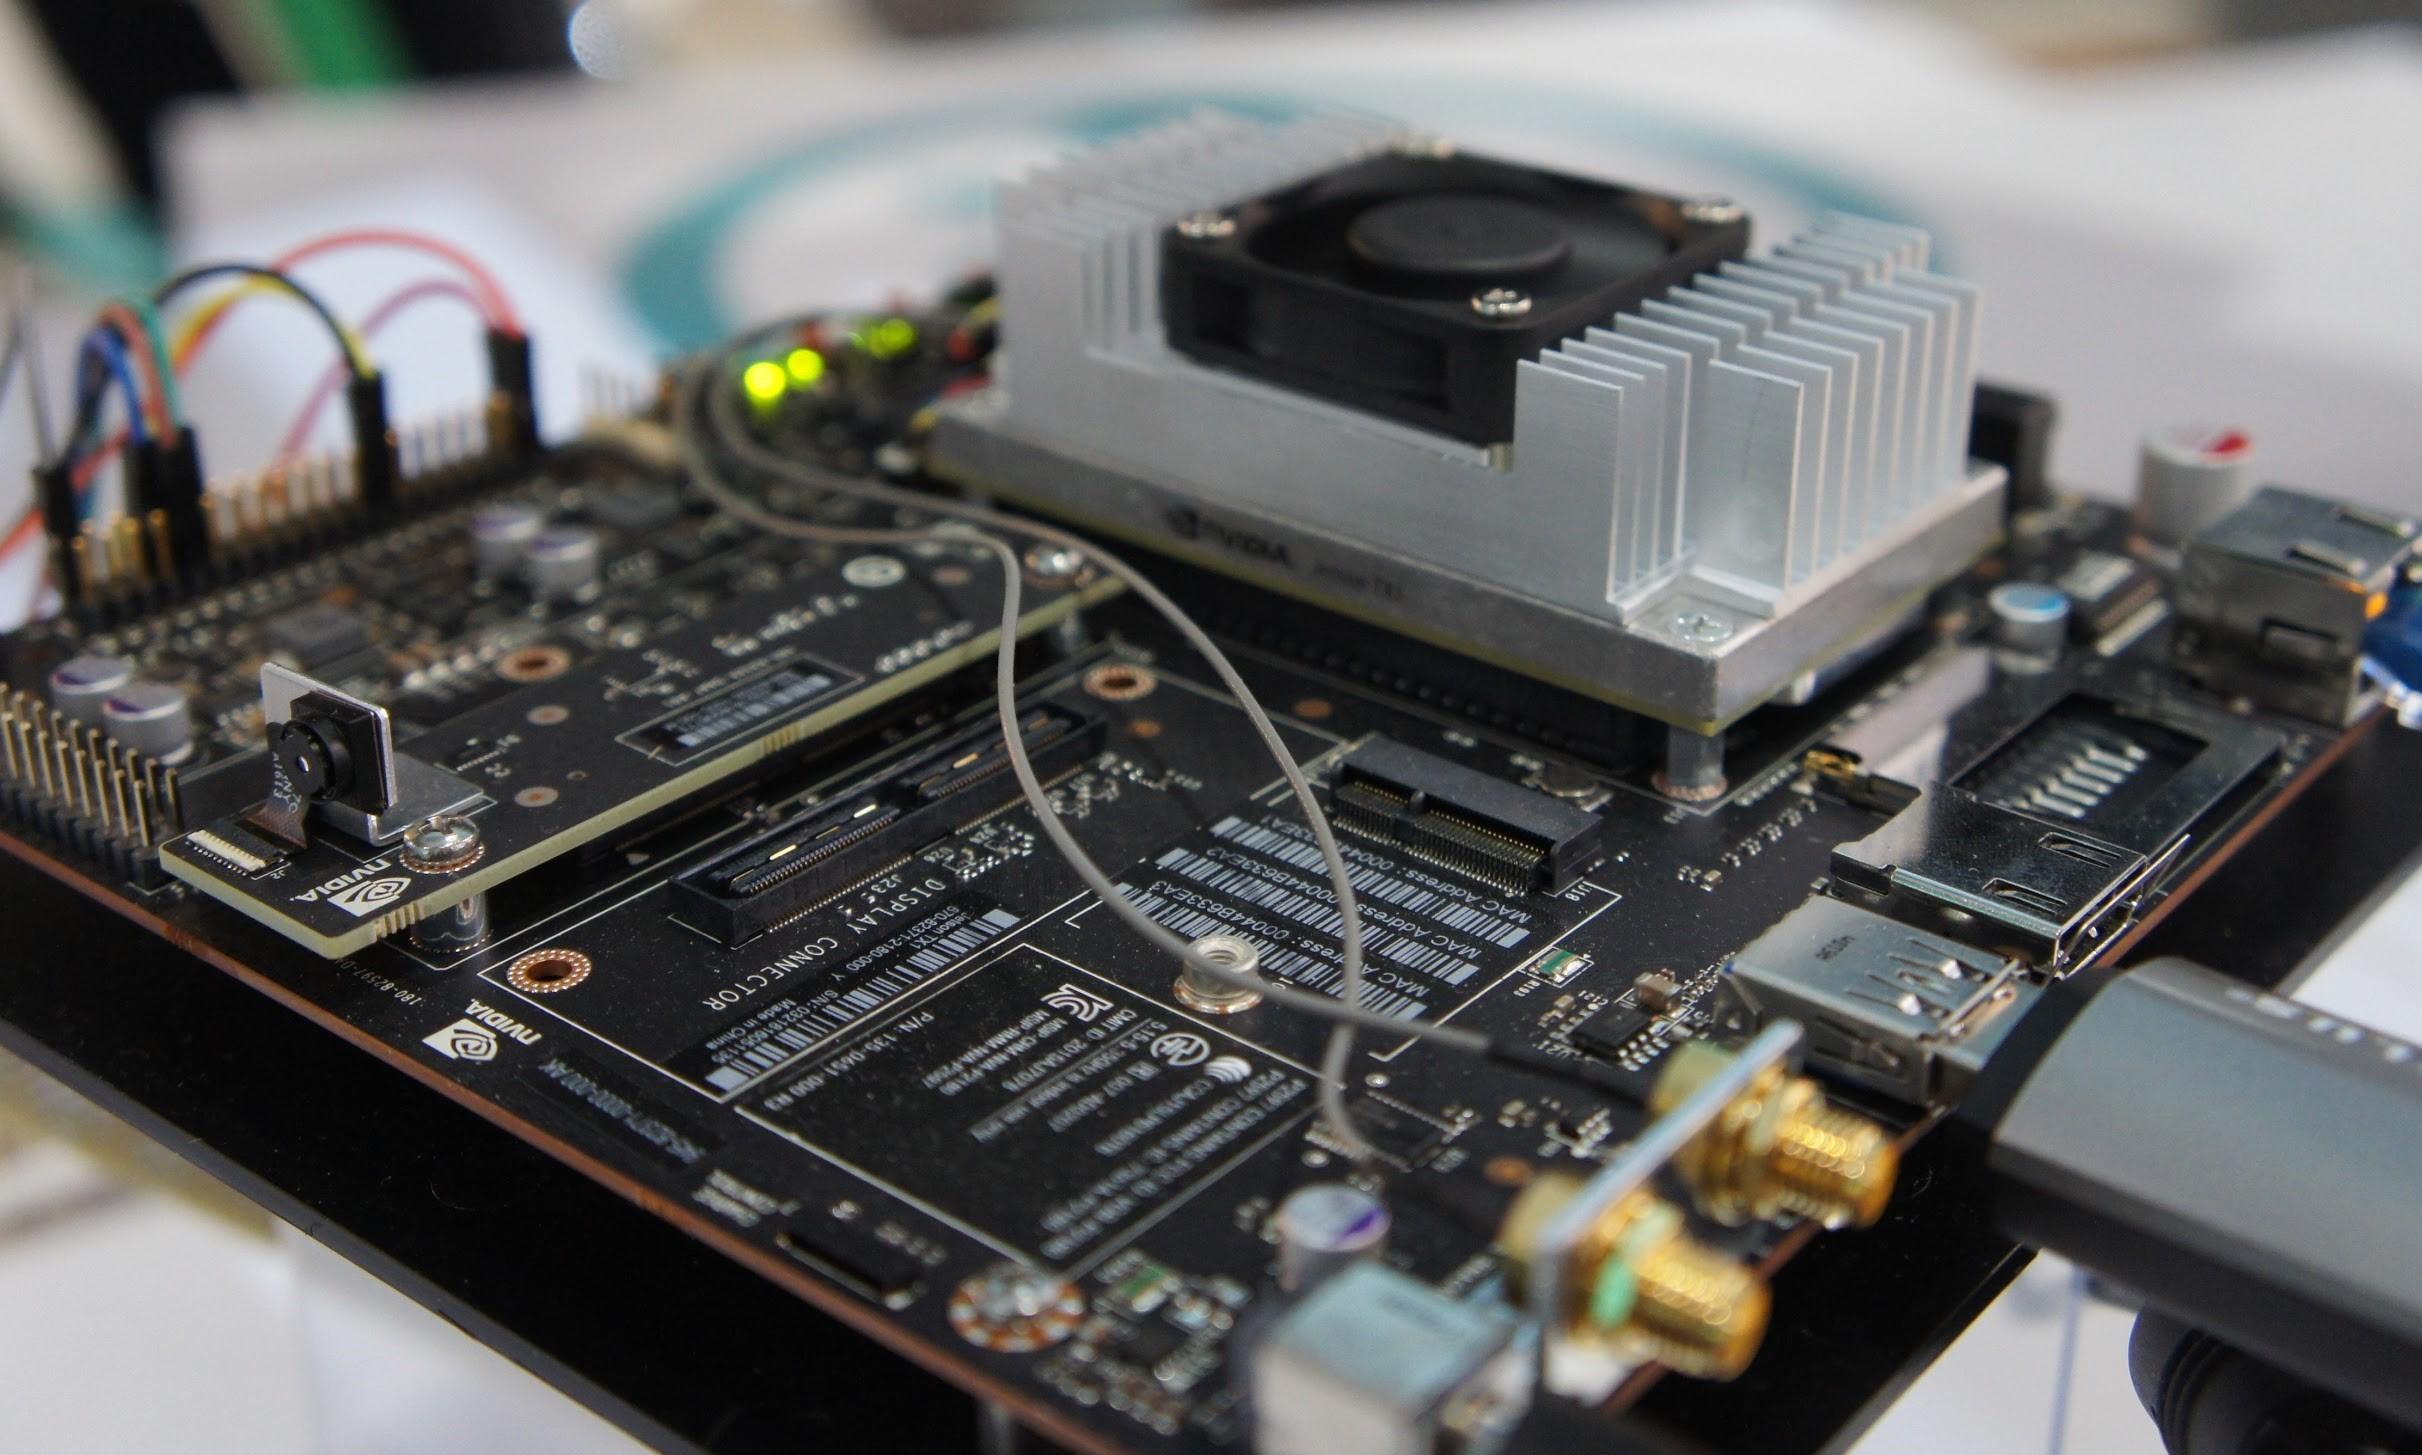 ソラコムと Preferred Networksが独ハノーバーで開催される「CeBIT2017」で機械学習技術をIoT機器の上で利用する「エッジヘビーコンピューティング」の共同デモを実施